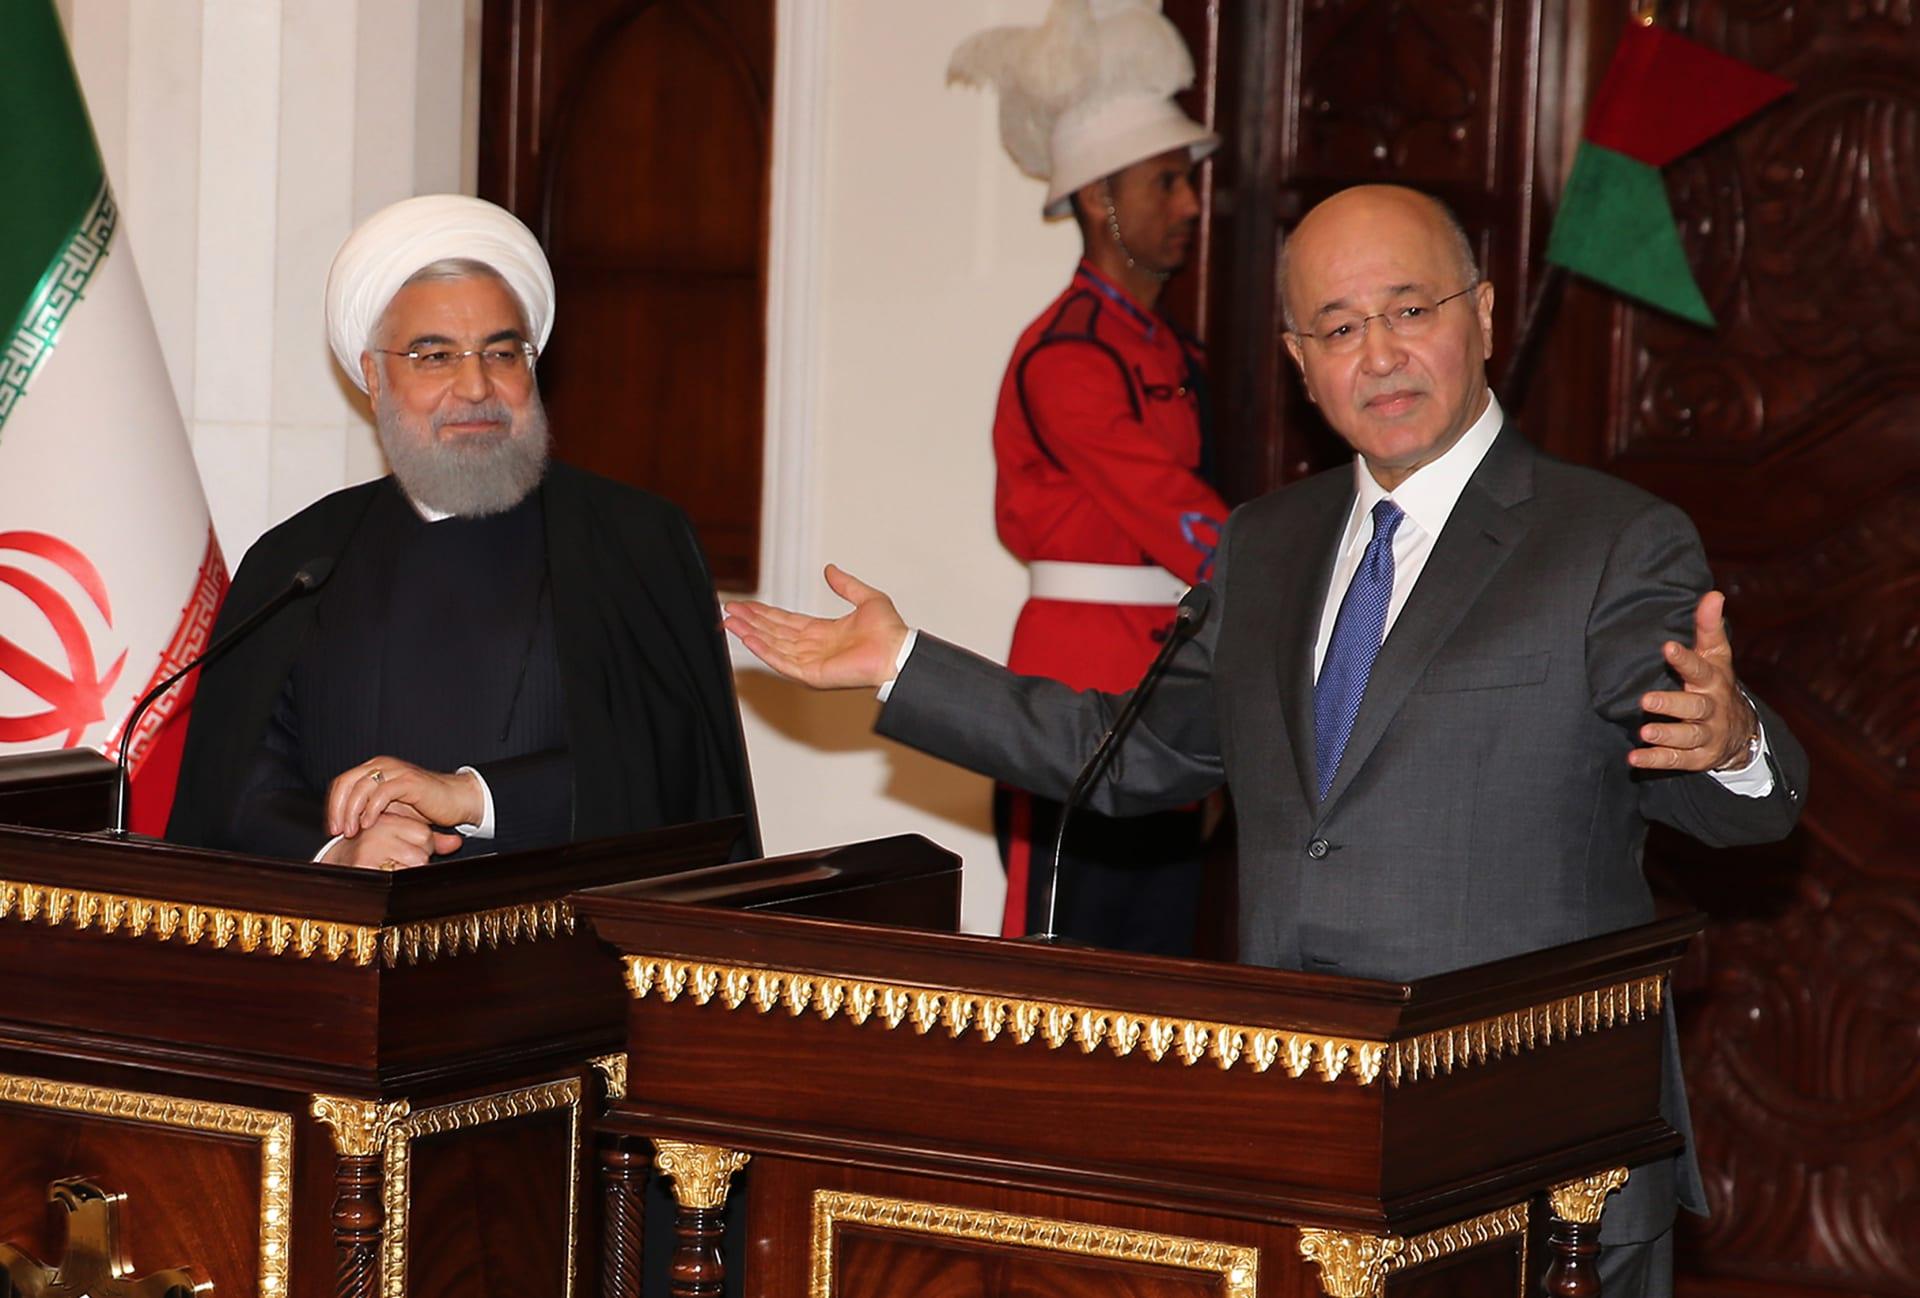 العراق وإيران توقعان اتفاقيات في مجال النفط والكهرباء